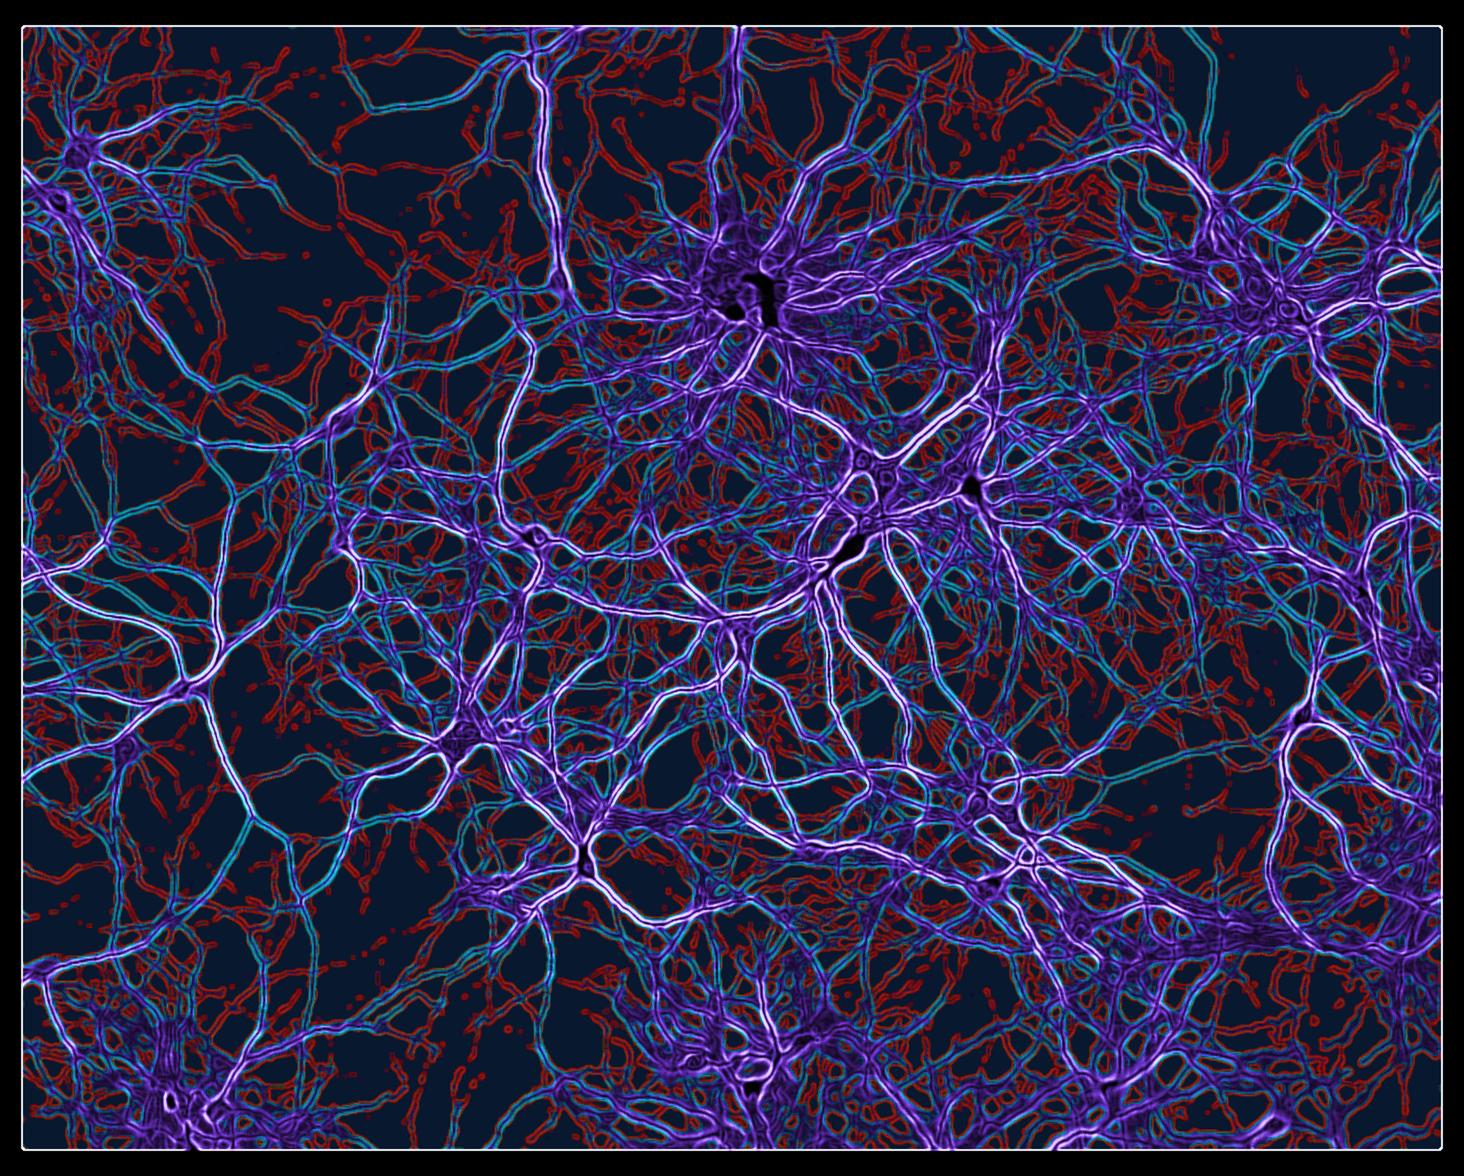 Neural-network-4